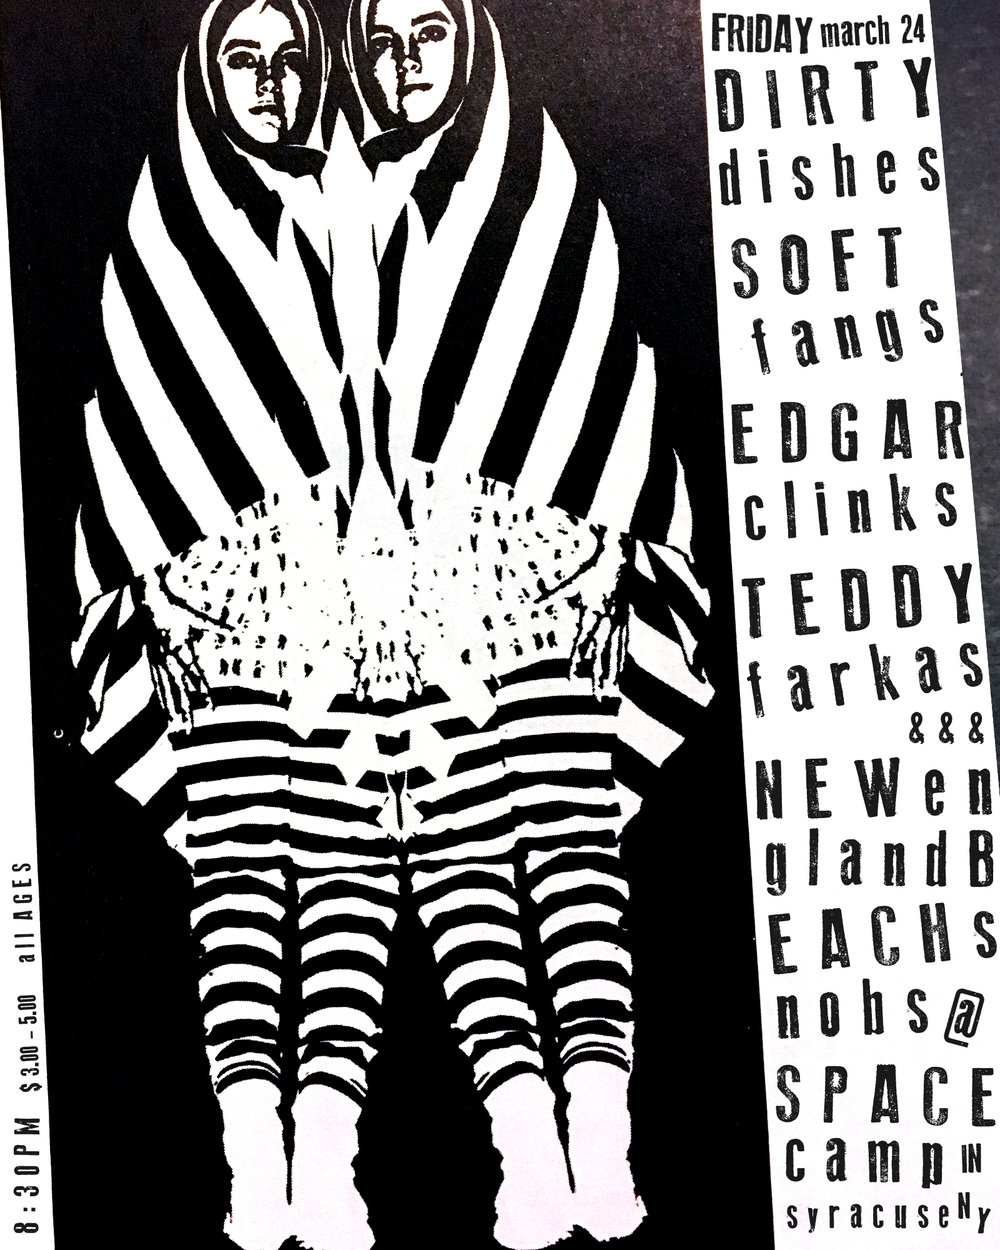 Flyer-DirtyDishes324-BW copy.jpg